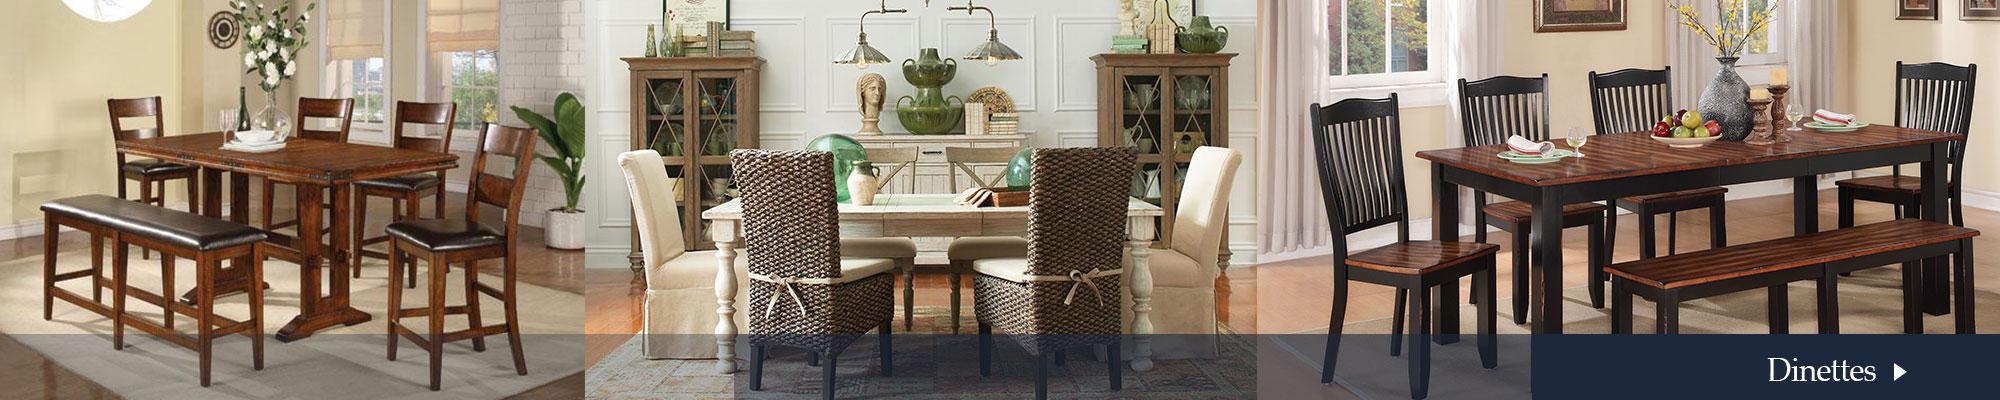 Merveilleux Furniture Store Cary, NC | Furniture Showroom U0026 Designer Furniture ...